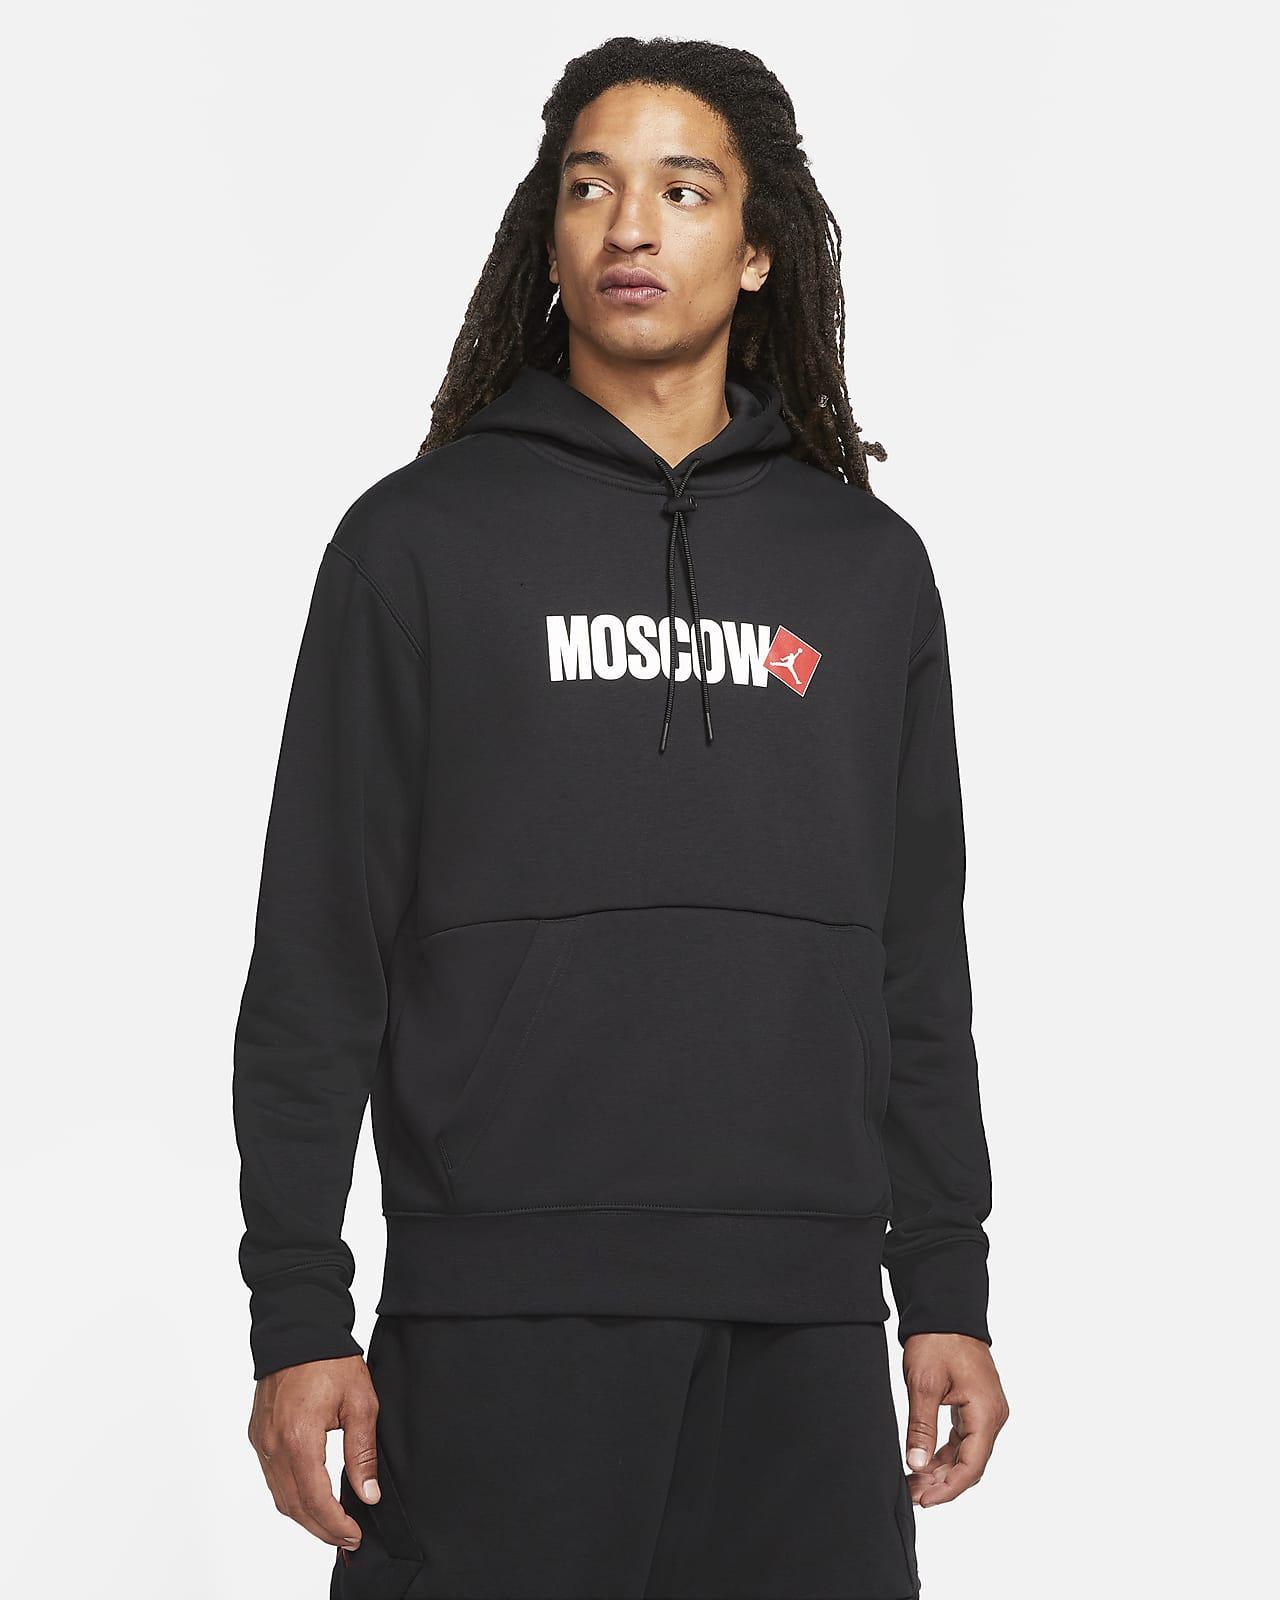 Jordan Moskau Hoodie für Herren